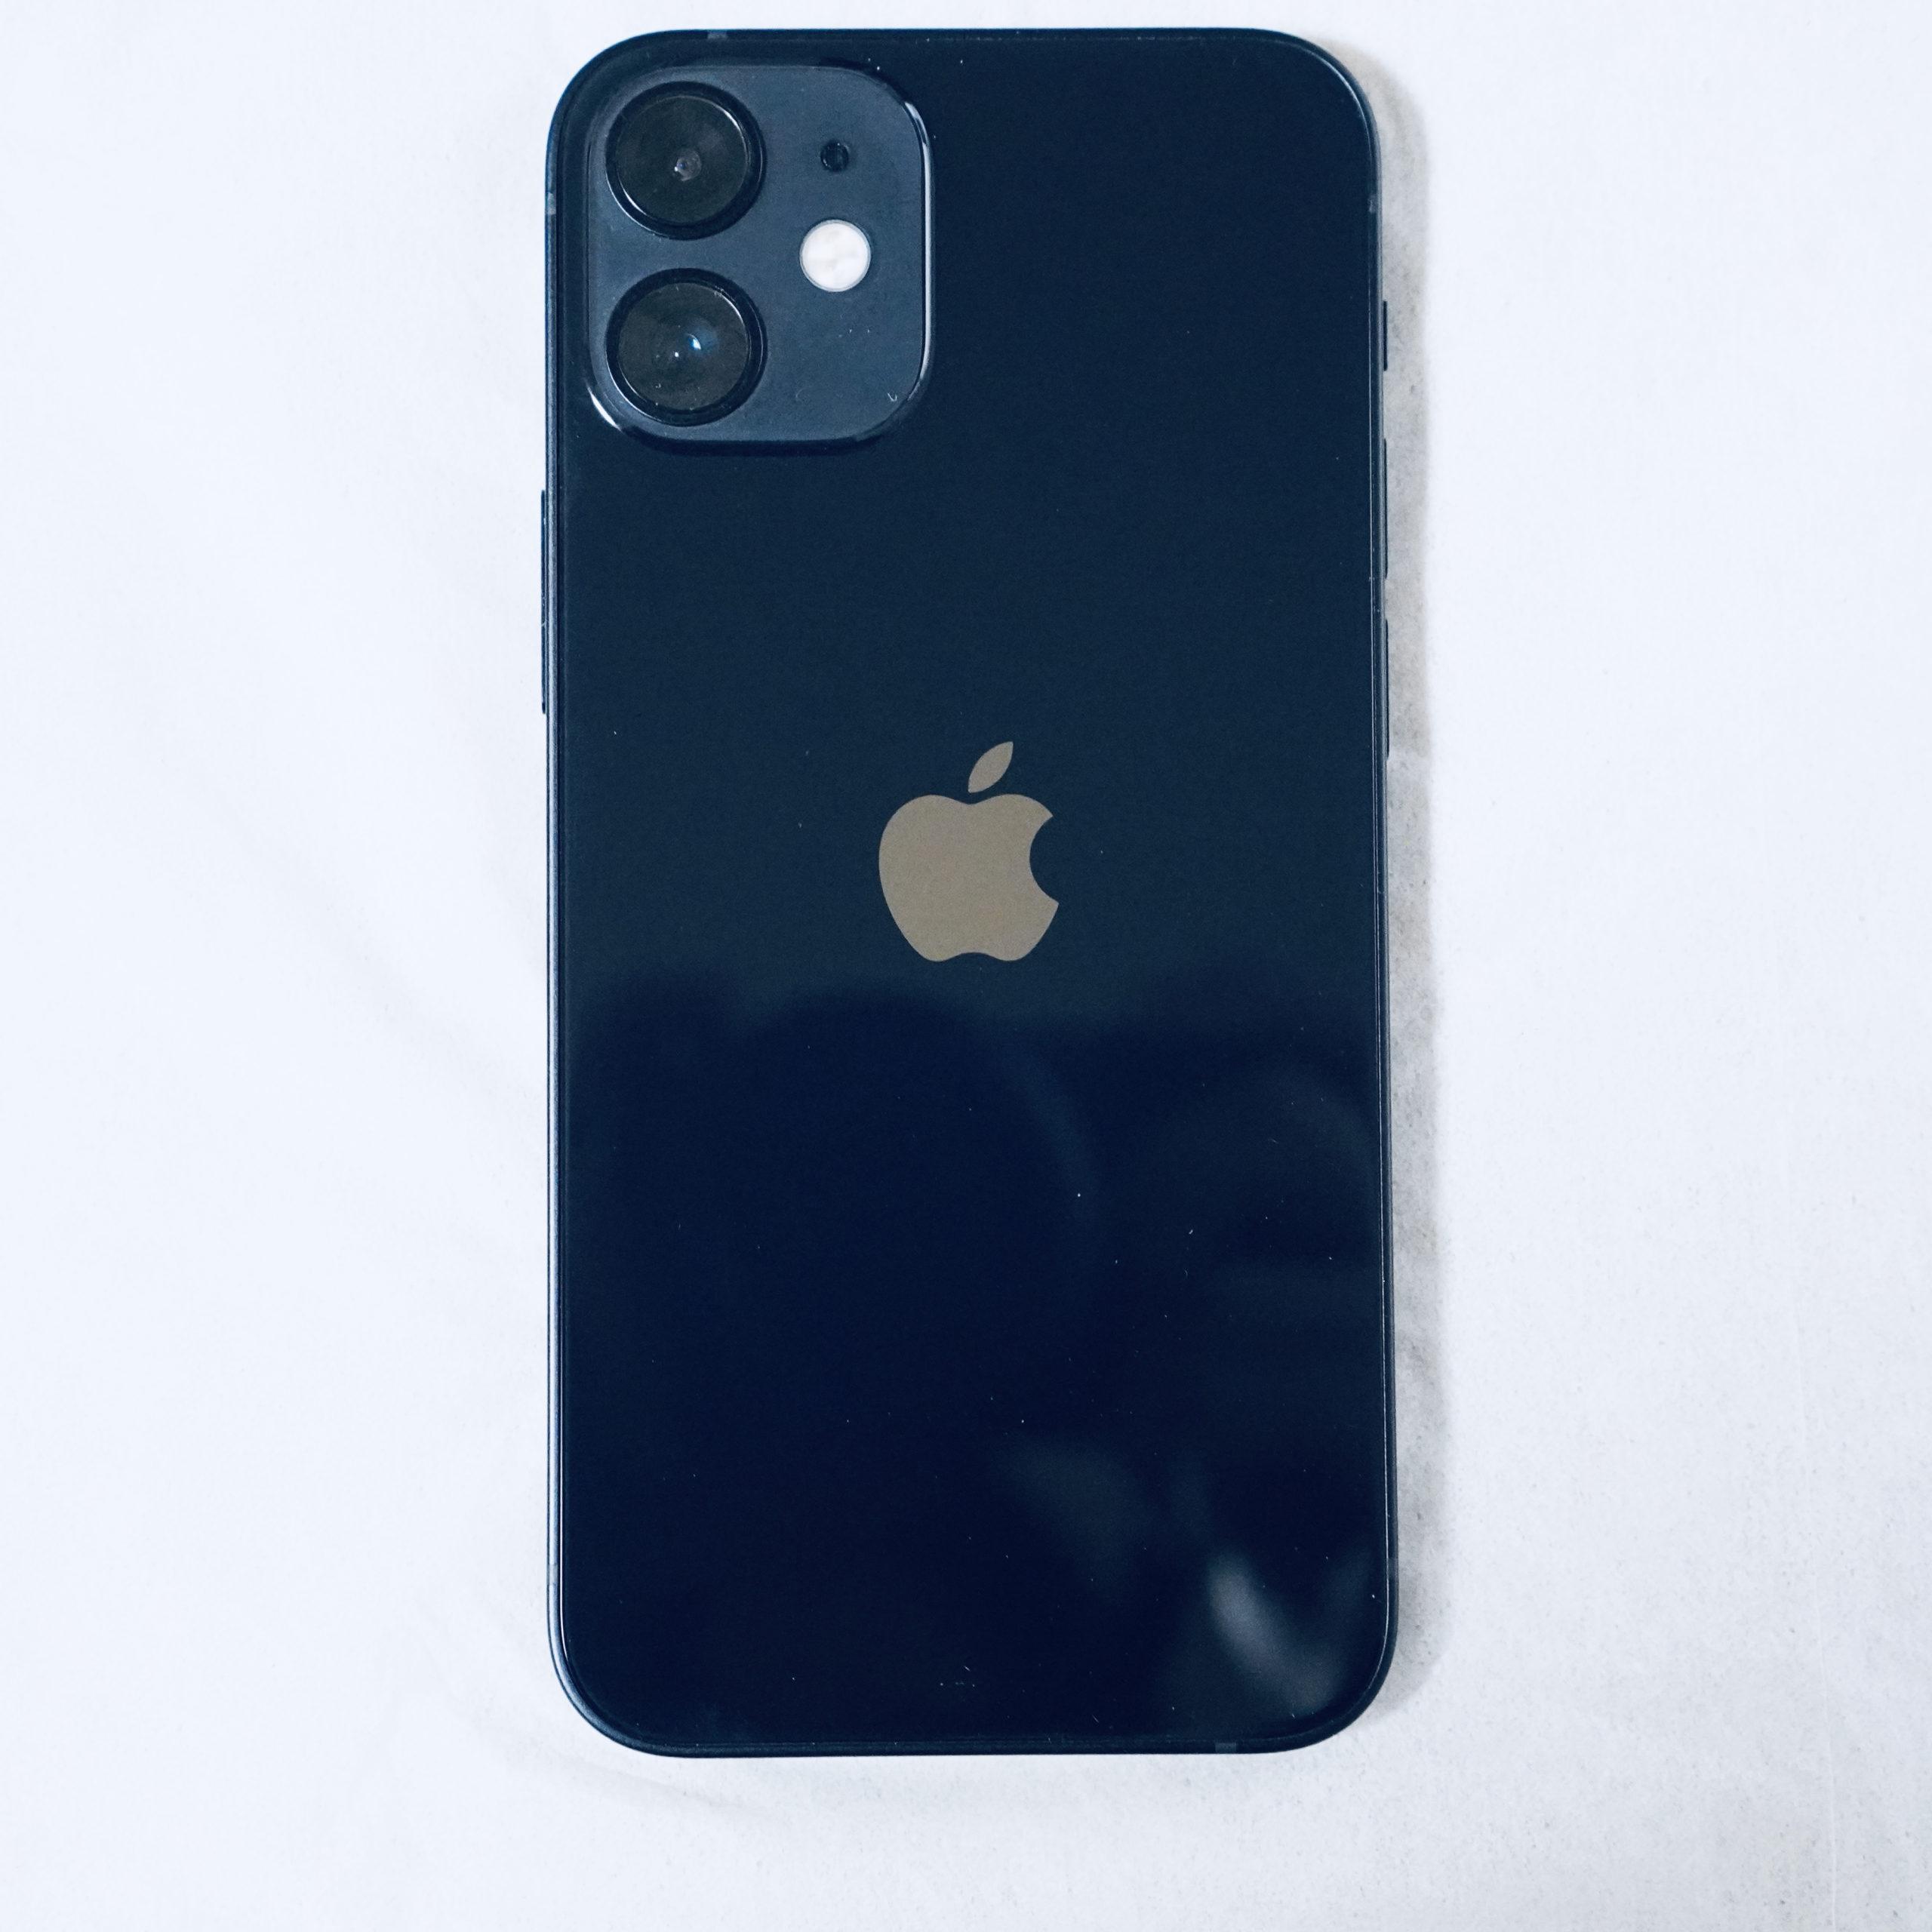 iPhone-ガラスコーティング